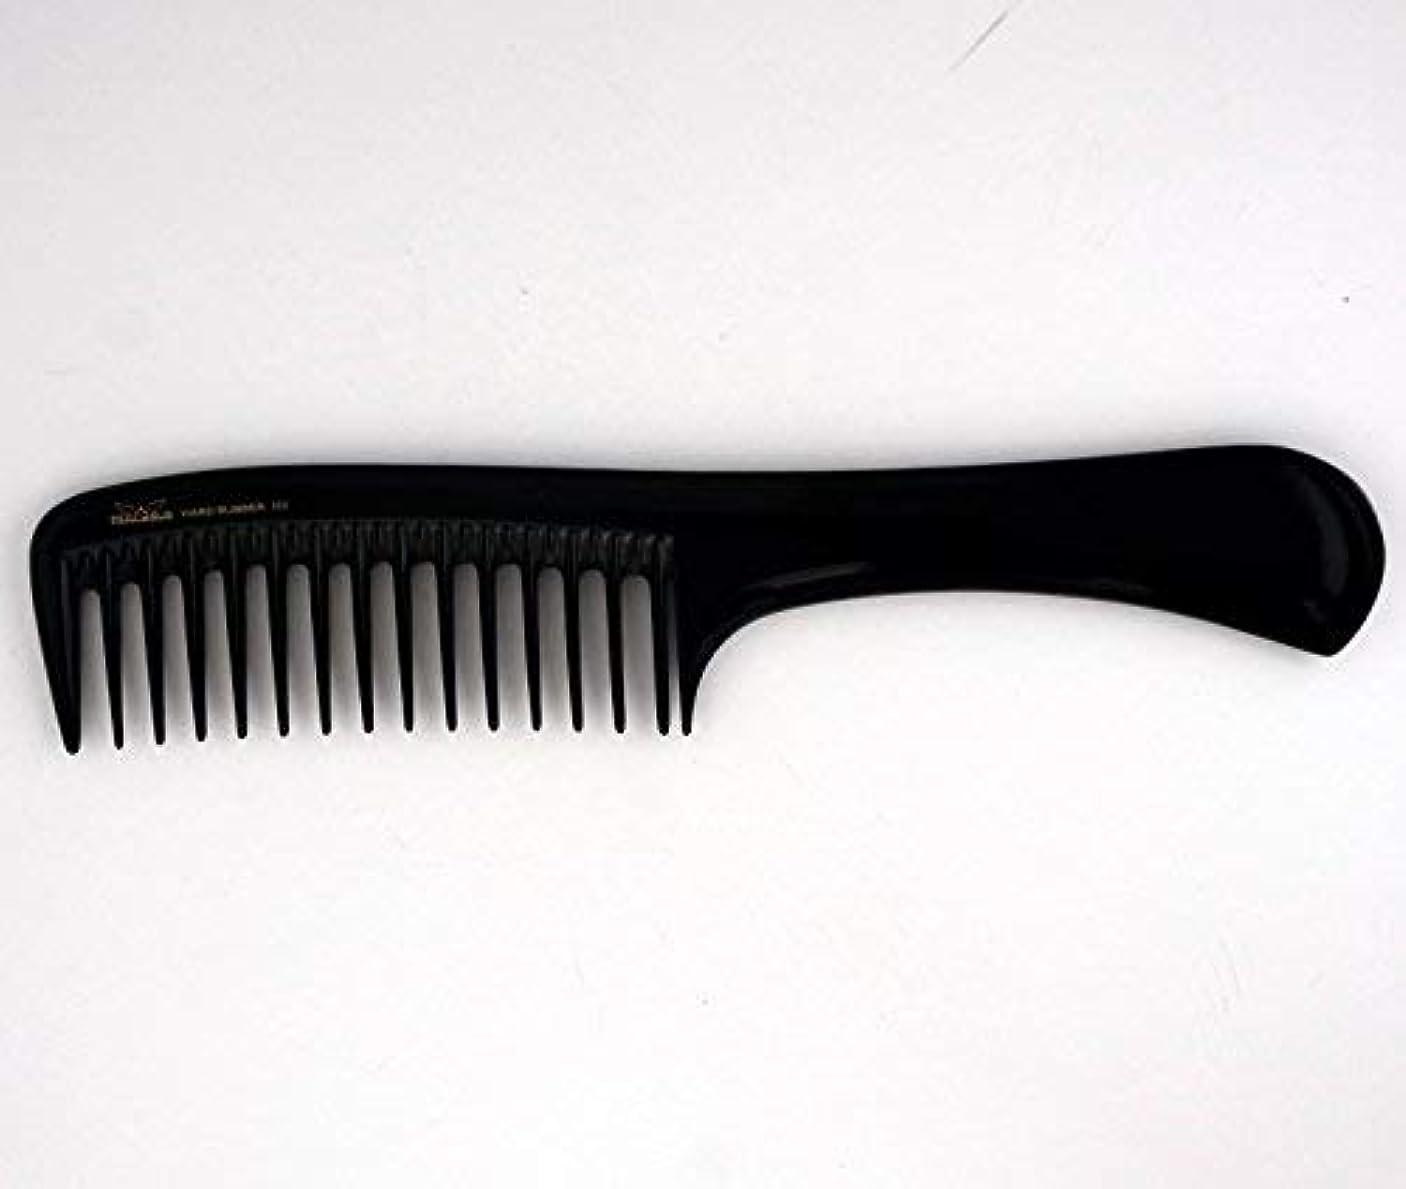 コークス絶縁する放送9in, Hard Rubber, Wide Tooth Handle Comb [並行輸入品]